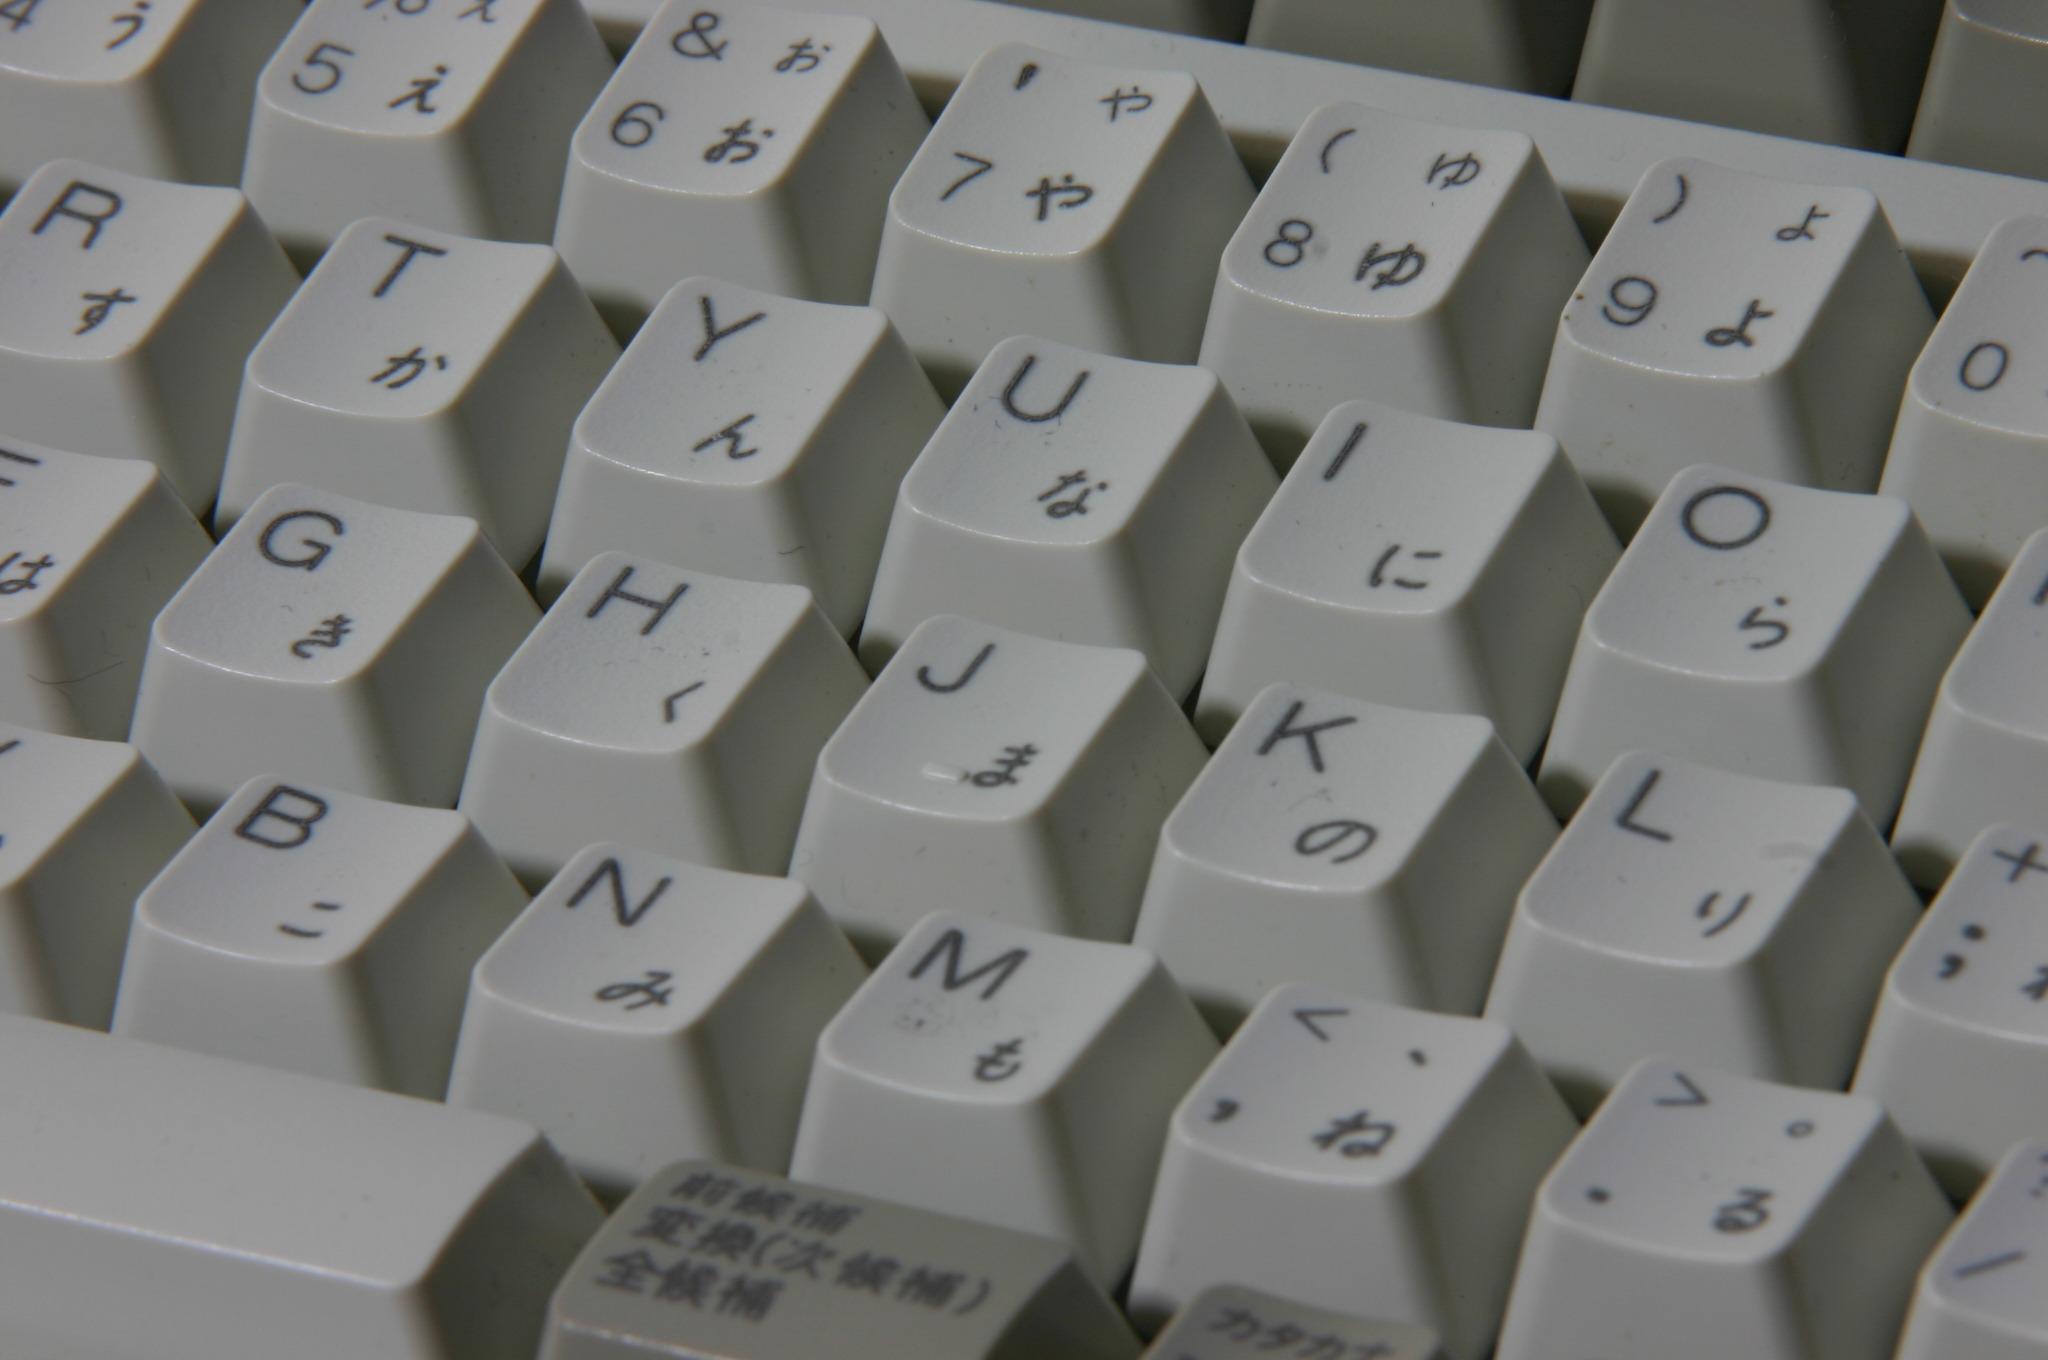 パソコンのキーボードをアップで